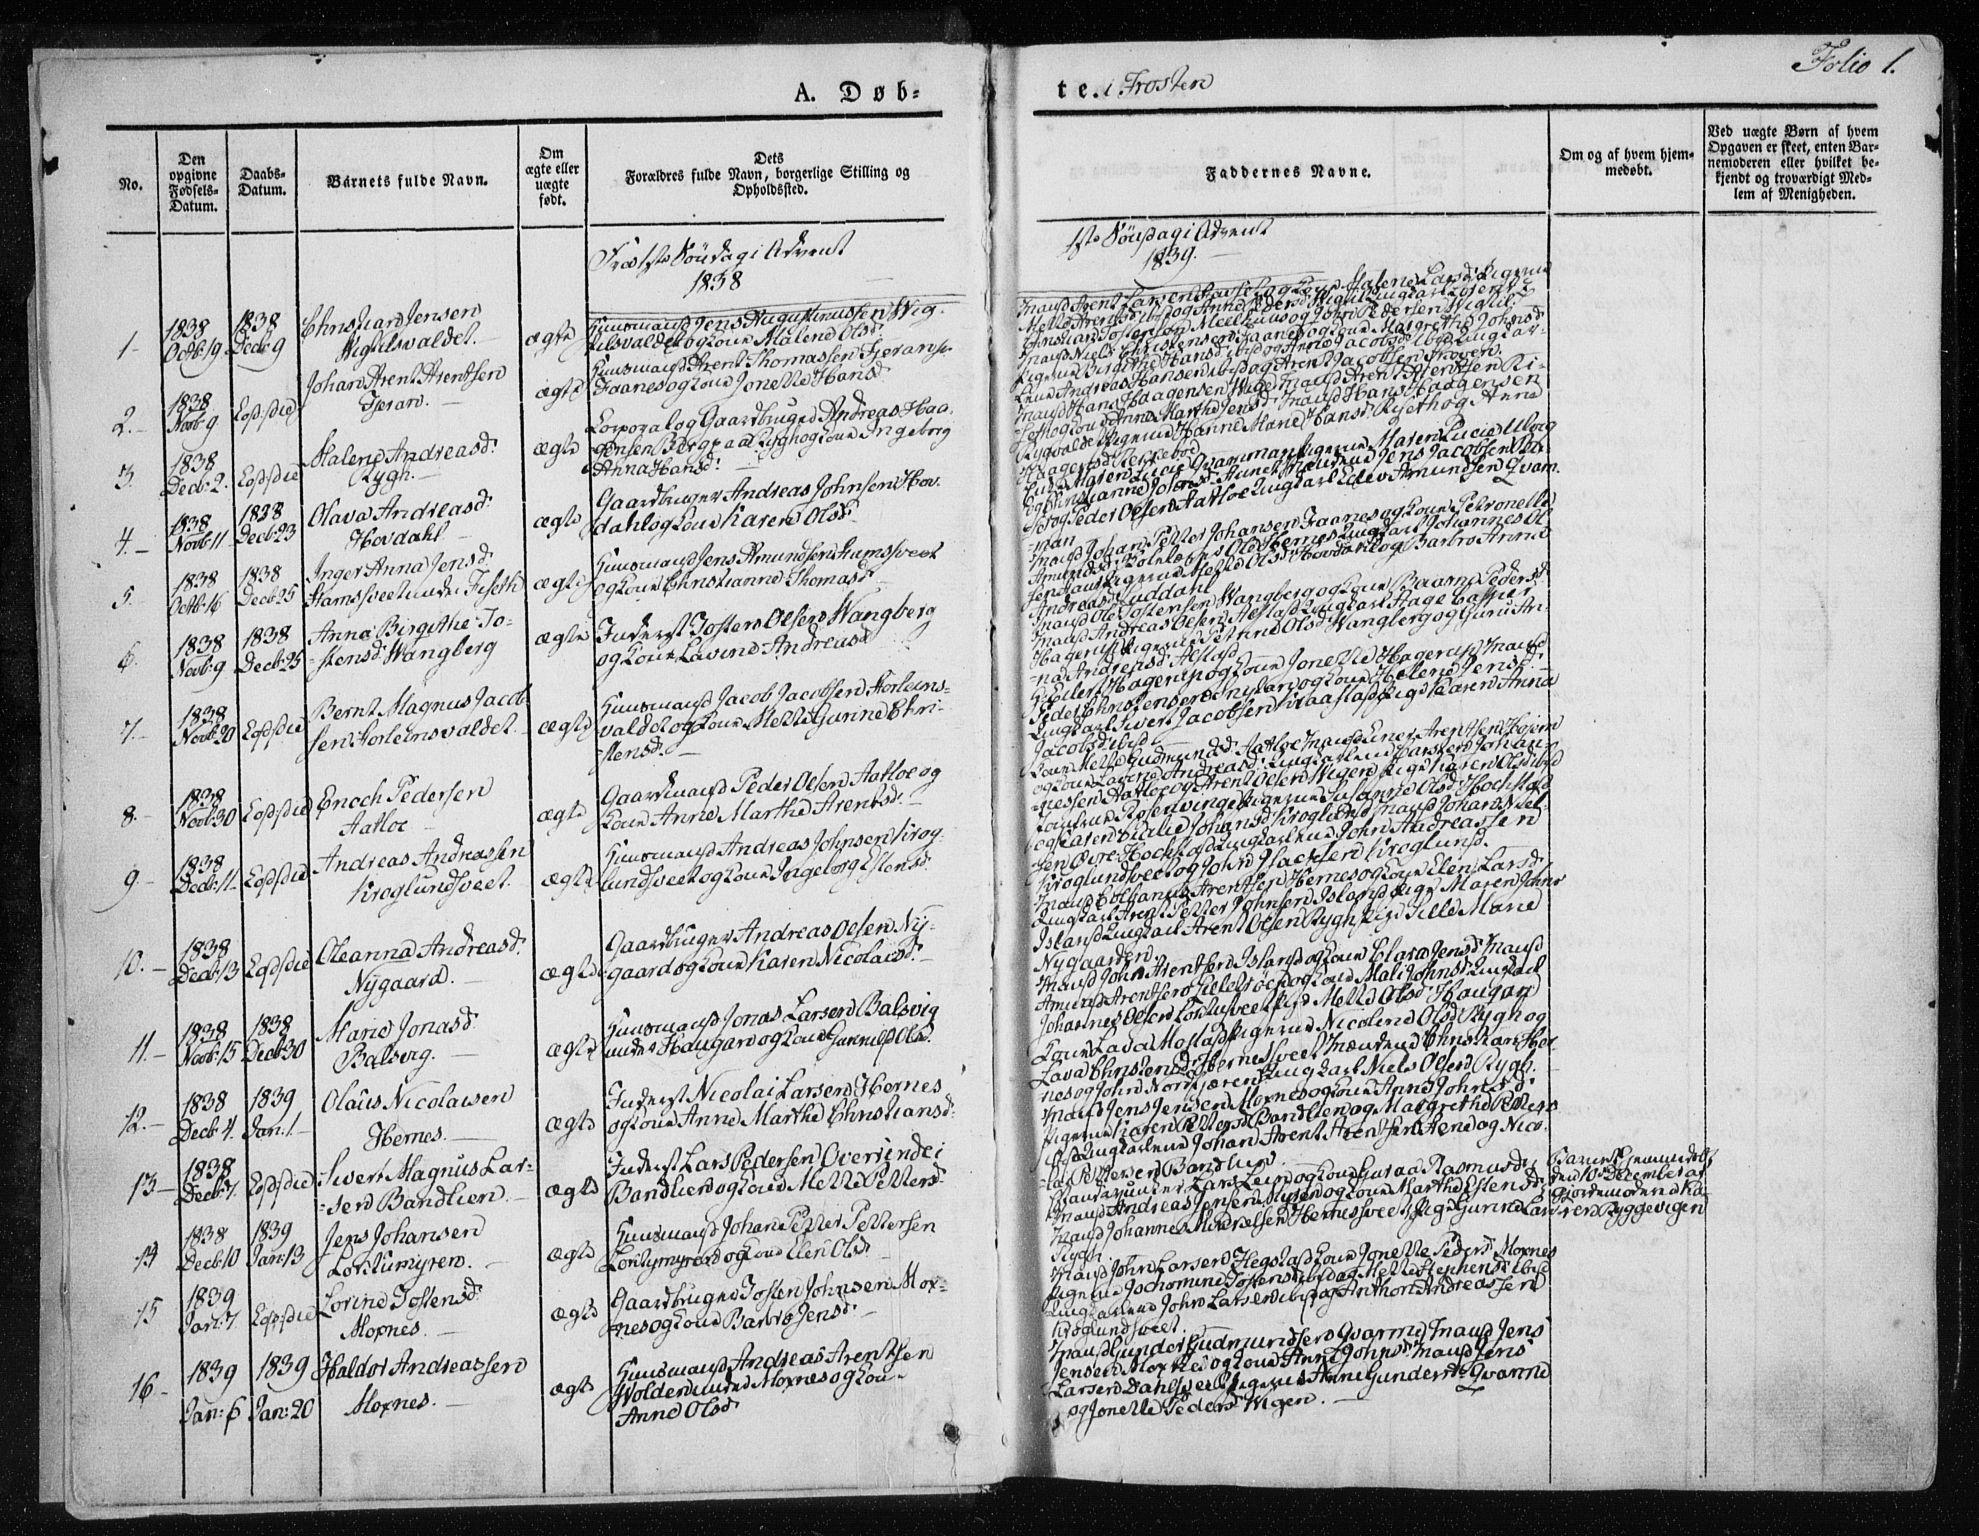 SAT, Ministerialprotokoller, klokkerbøker og fødselsregistre - Nord-Trøndelag, 713/L0115: Ministerialbok nr. 713A06, 1838-1851, s. 1